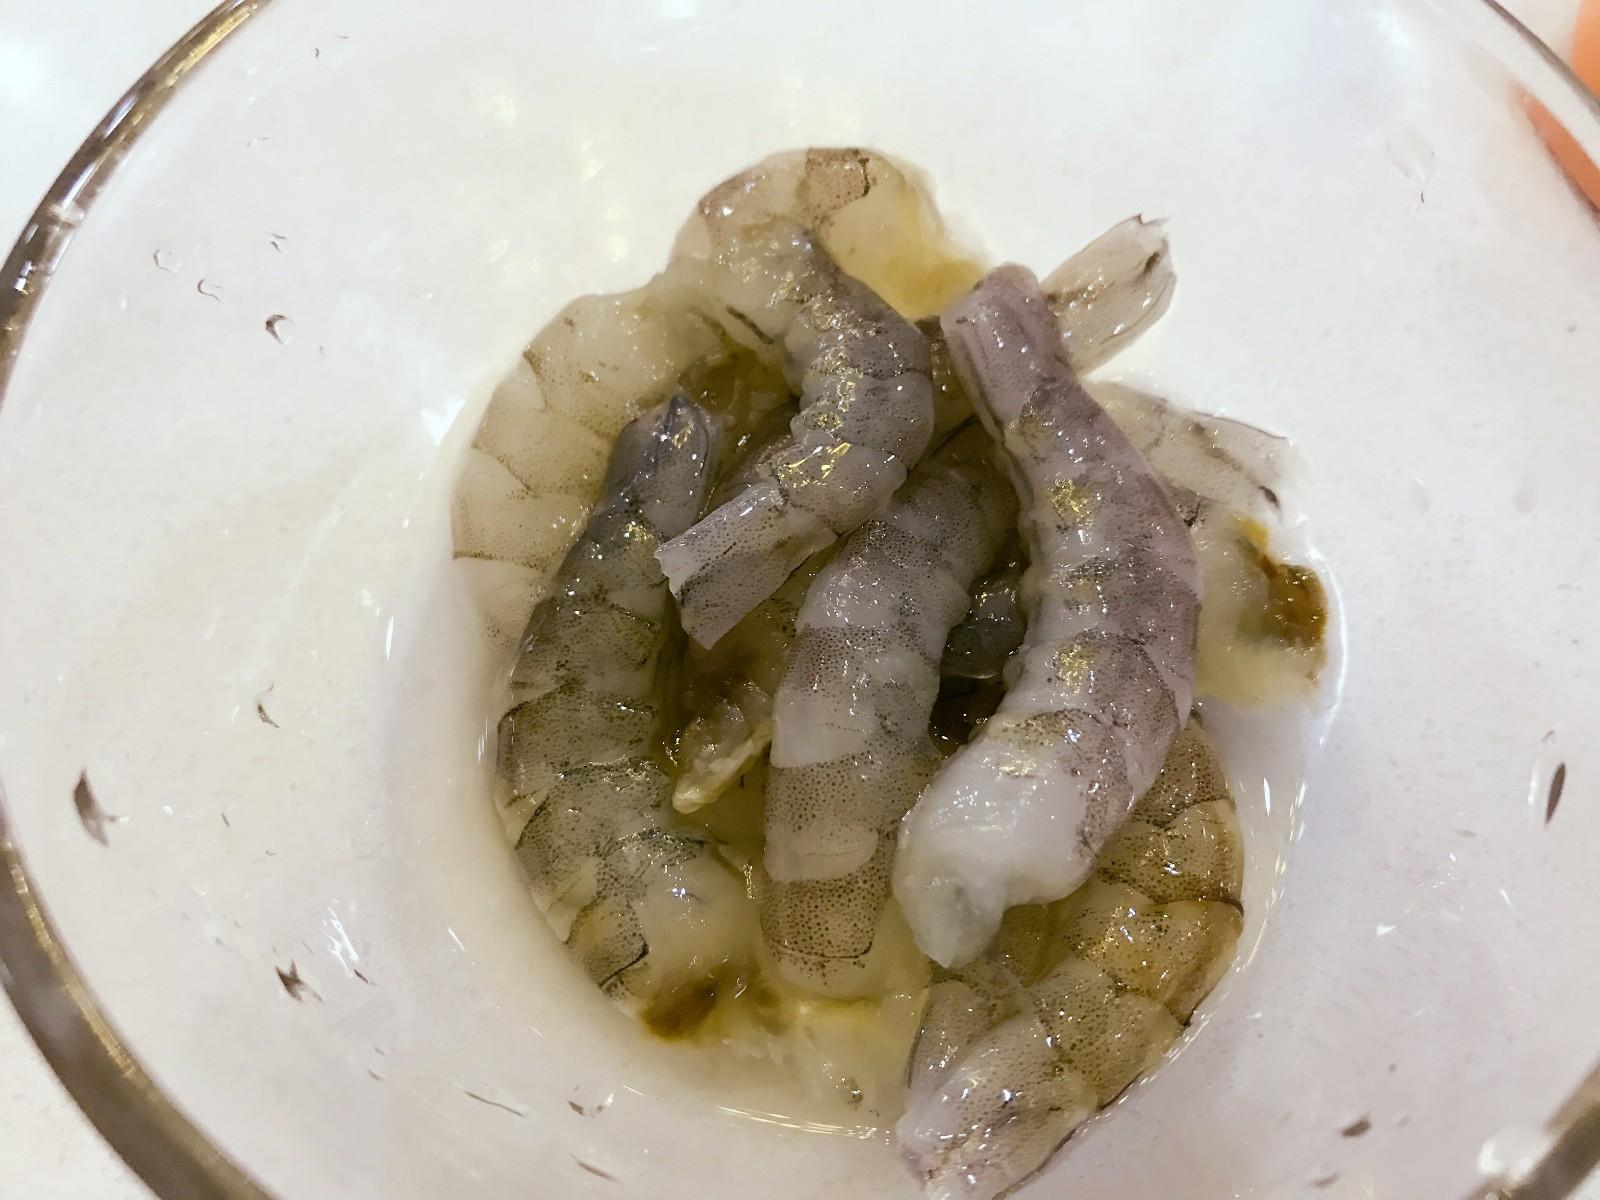 宝宝辅食:虾仁时蔬小馄饨-13M+,鲜虾洗净,用牙签从虾壳二节处挑出泥线,去头去尾去壳。</p> <p>》虾壳二节处是泥线最韧的地方,比较容易挑,一般情况下,可以用牙签从虾壳二节处挑出泥线,然后再去头去壳去尾,剥出虾肉。